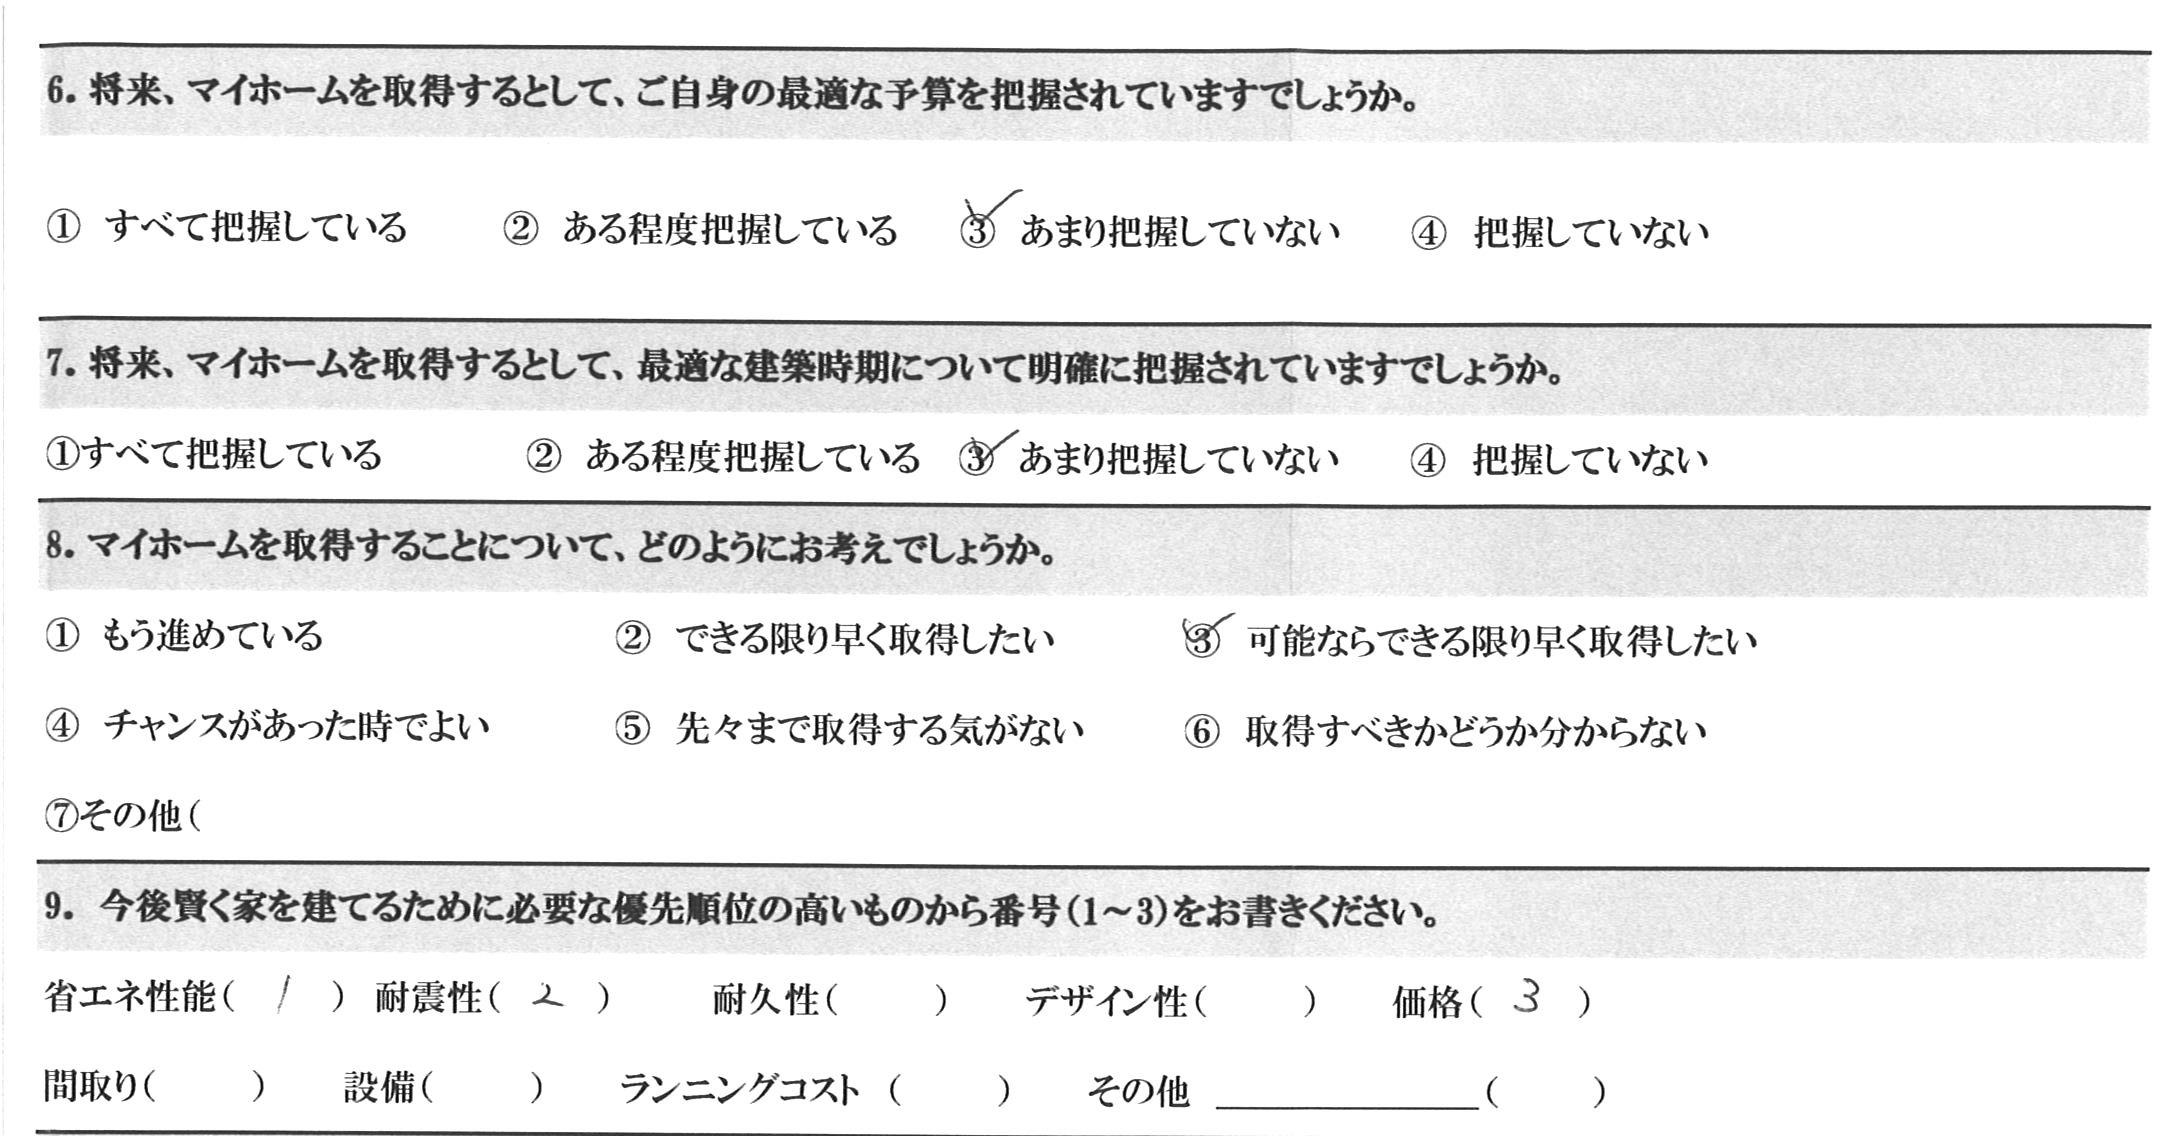 20160927180935_00001-2.jpg